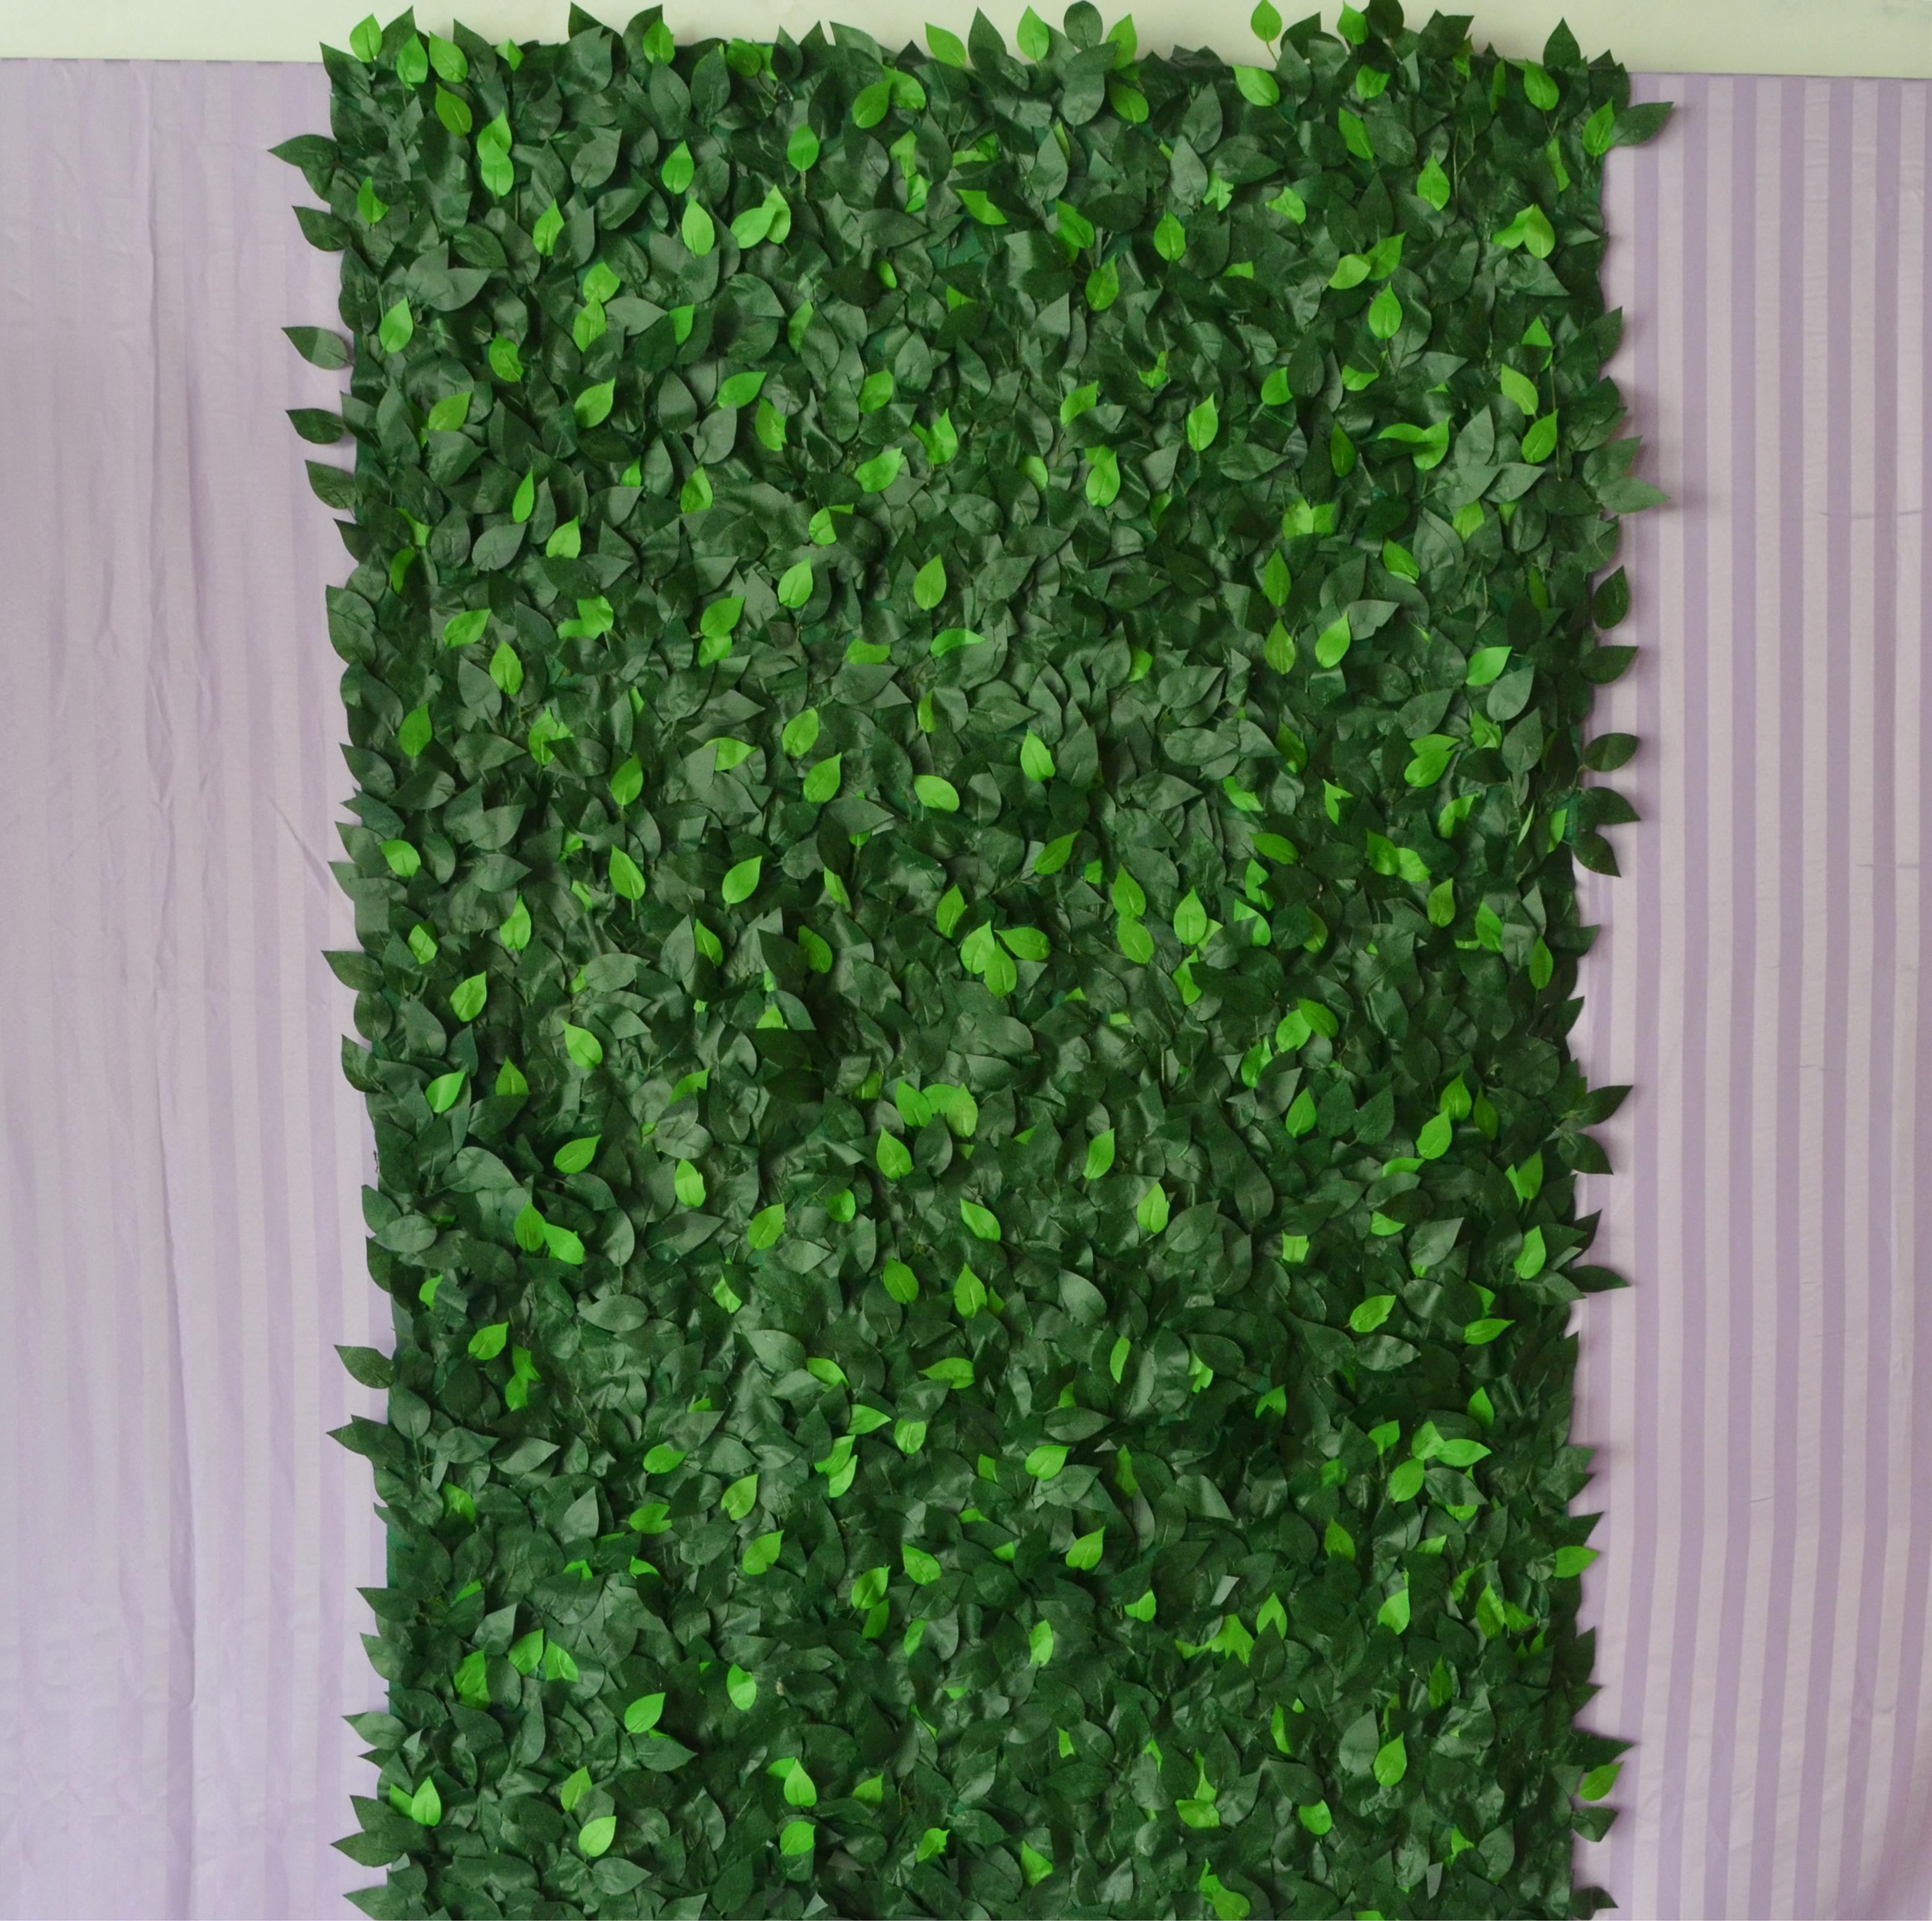 Muro ingl s loca o decorare eventos elo7 for Tela para muro verde